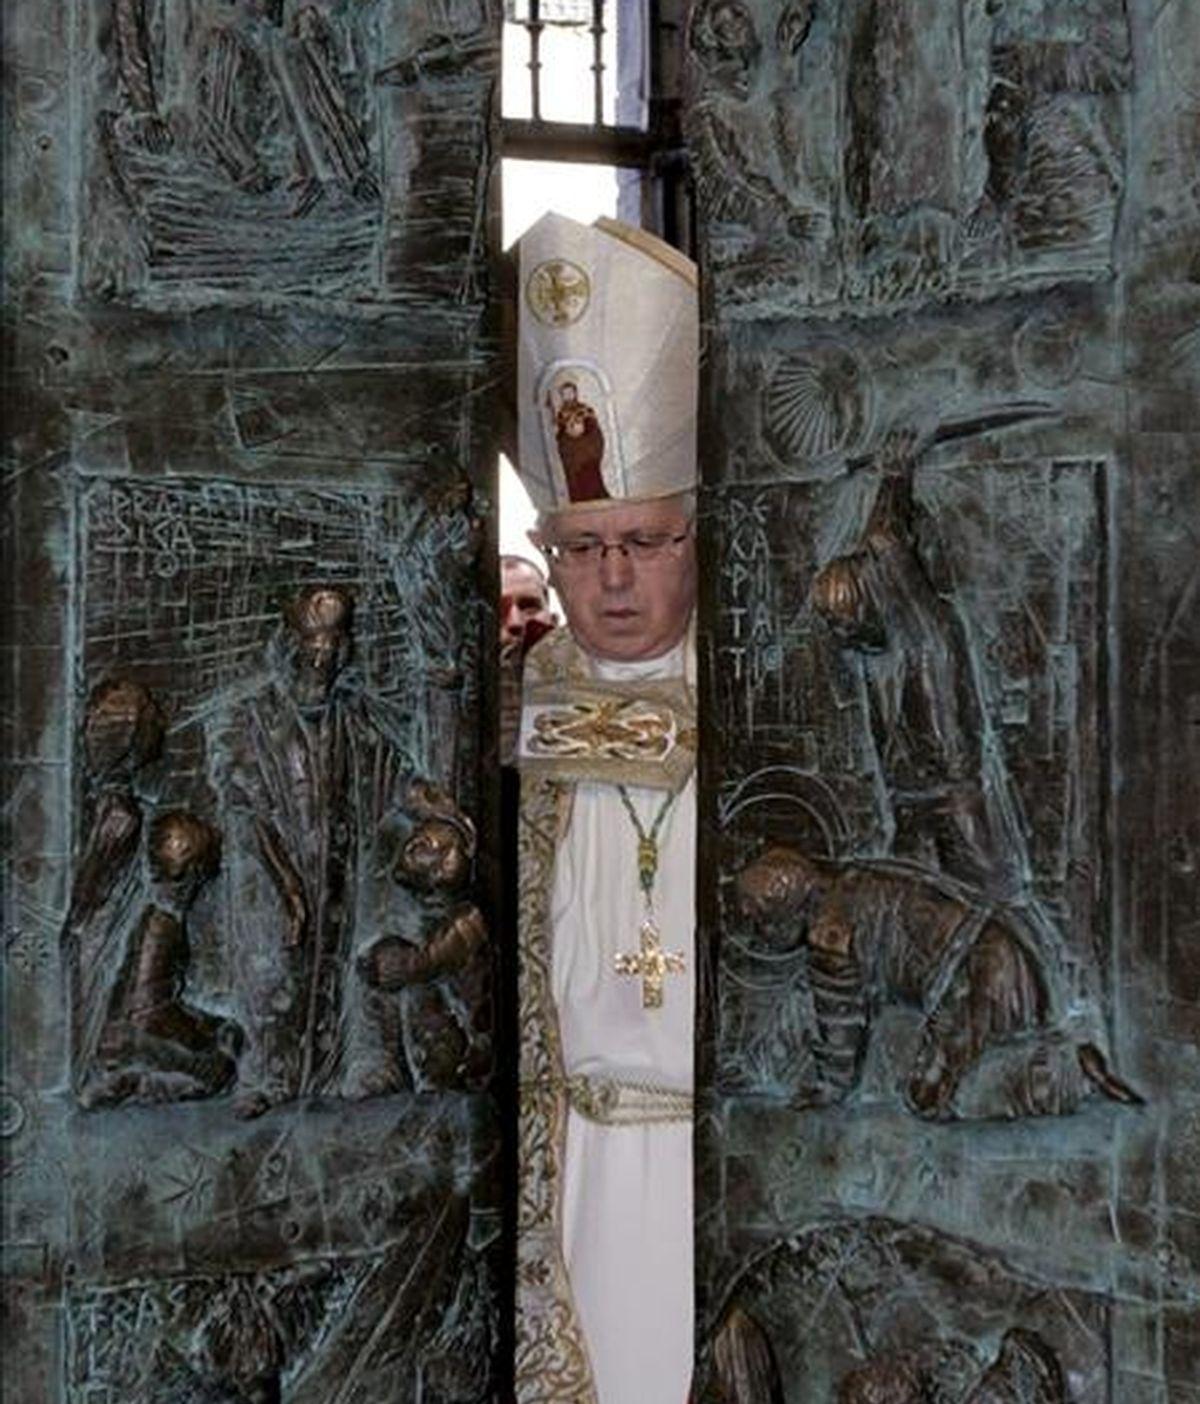 El arzobispo de Santiago, Julián Barrio, durante la ceremonia de cierre de la puerta santa de la catedral de Santiago, acto con el que se pone fin al año jubilar de mayor afluencia de visitantes a Galicia, con más de nueve millones de personas. EFE